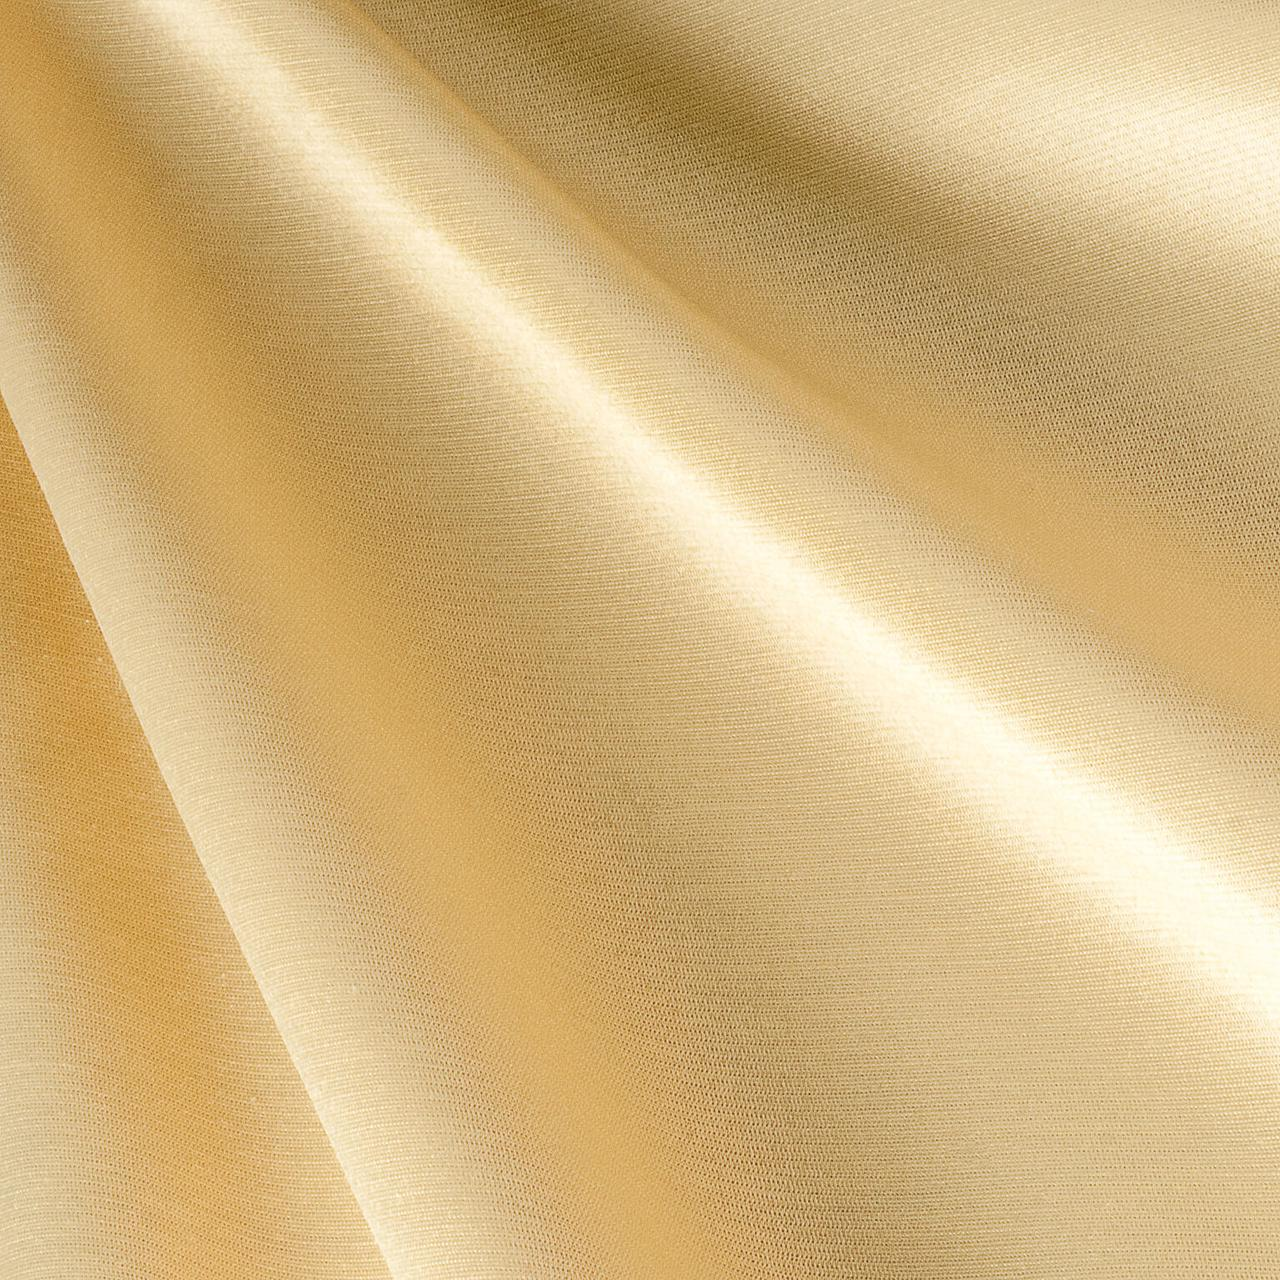 Ткань для скатертей и салфеток атлас (ресторан) 400288 v3